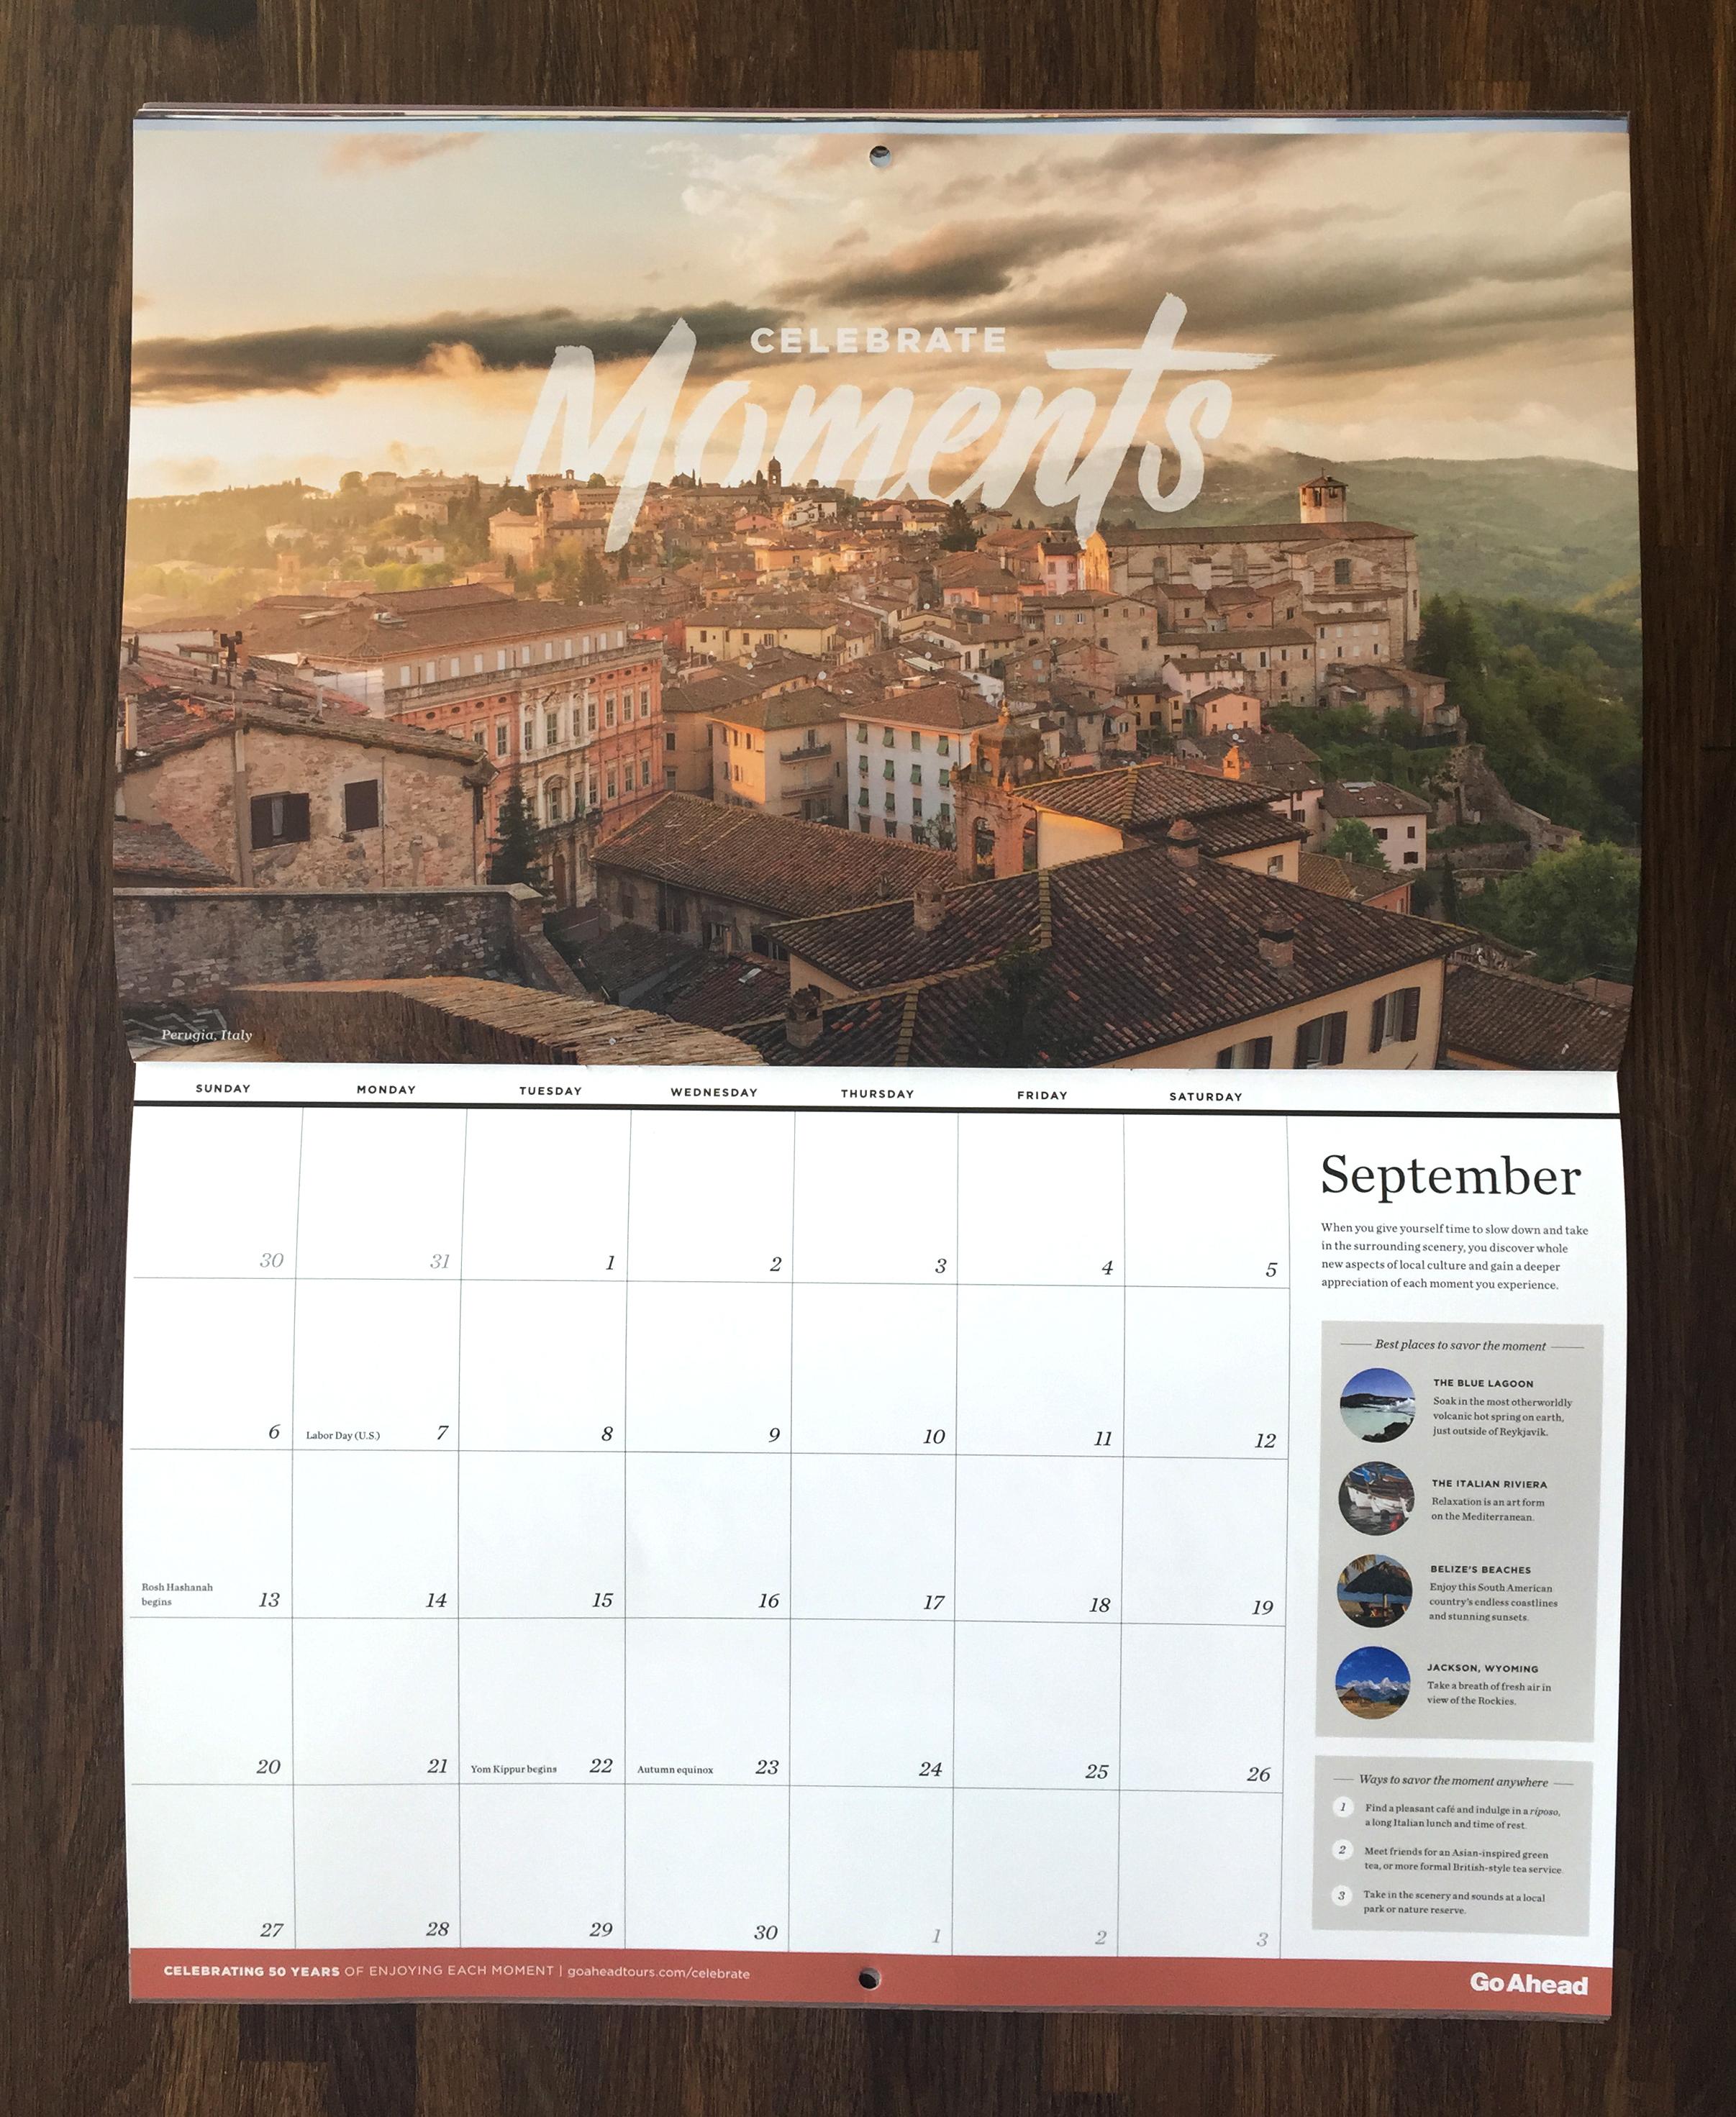 Calendar_September.jpg